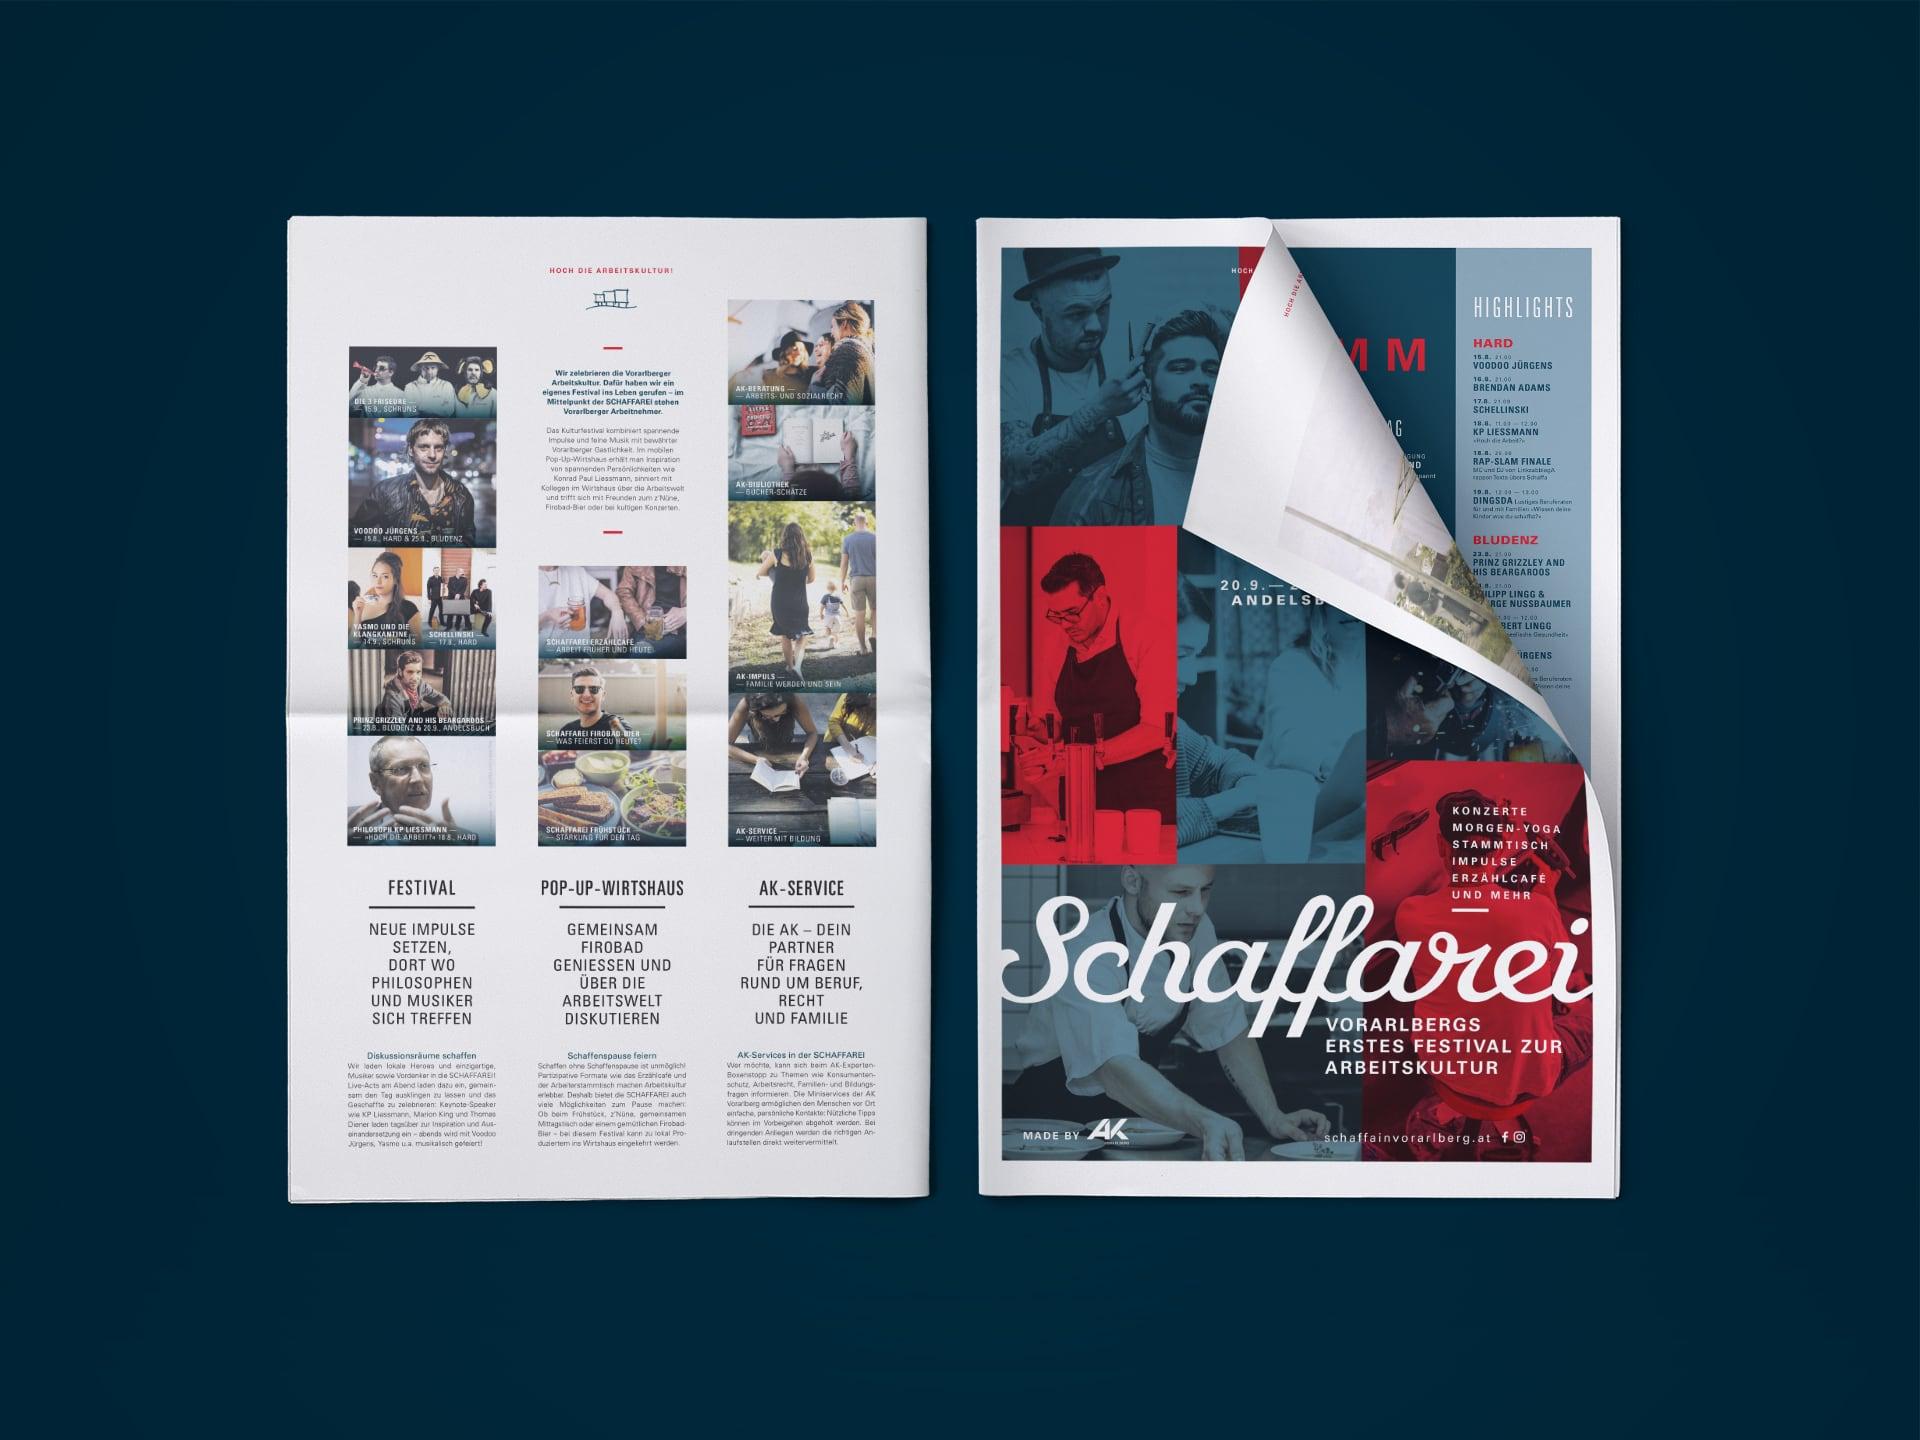 Beilage beim AK Magazin Aktion für das Schafferei Festival der AK Vorarlberg.